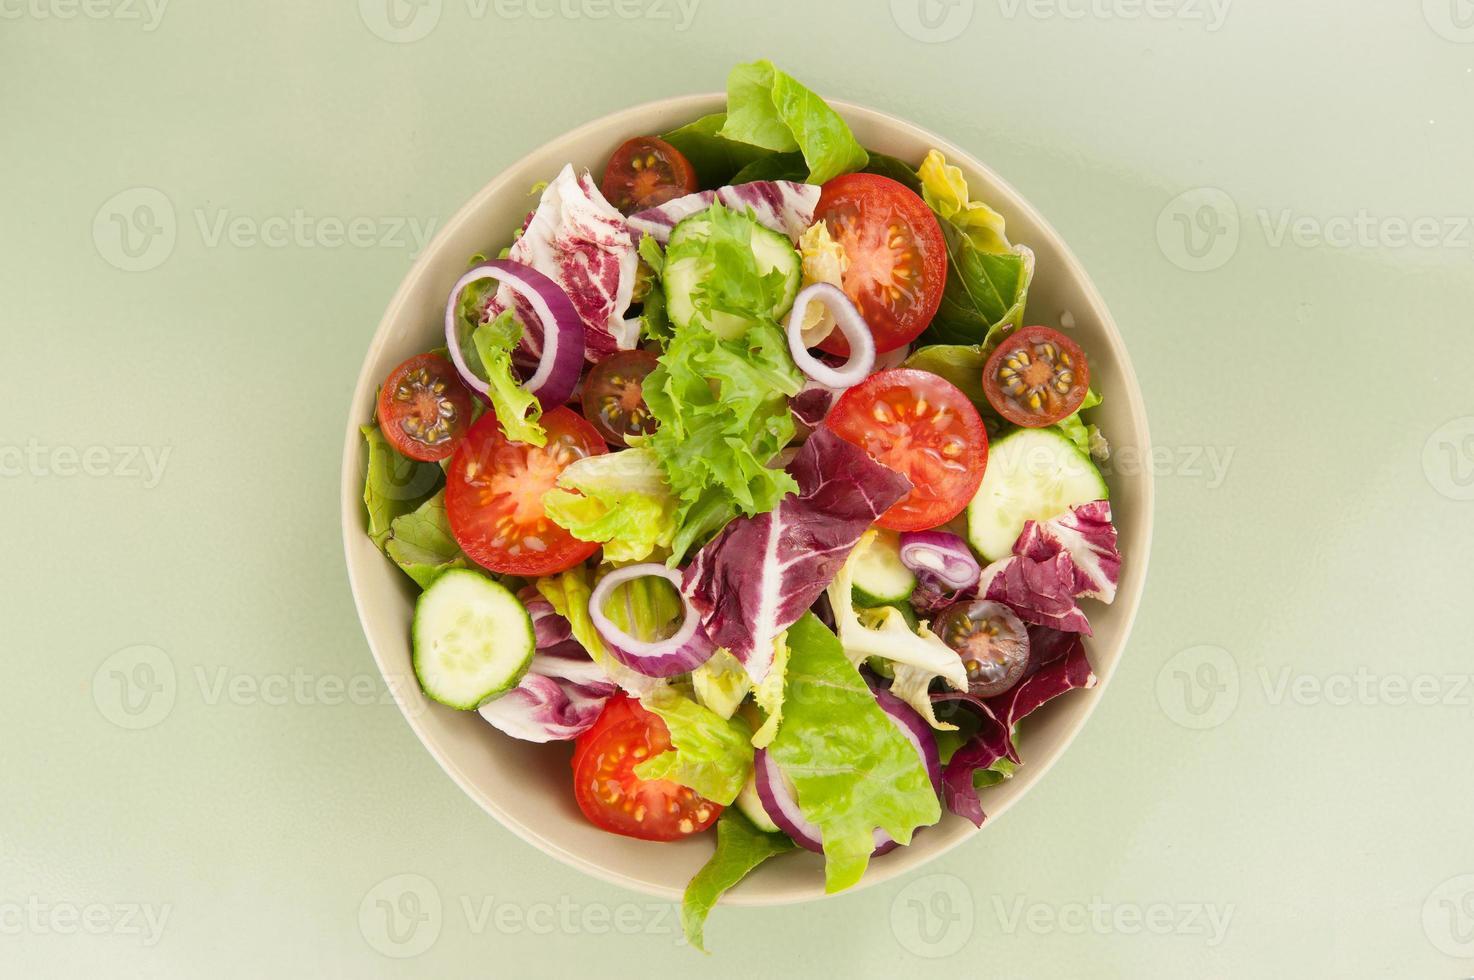 färsk grönsakssallad i en skål foto